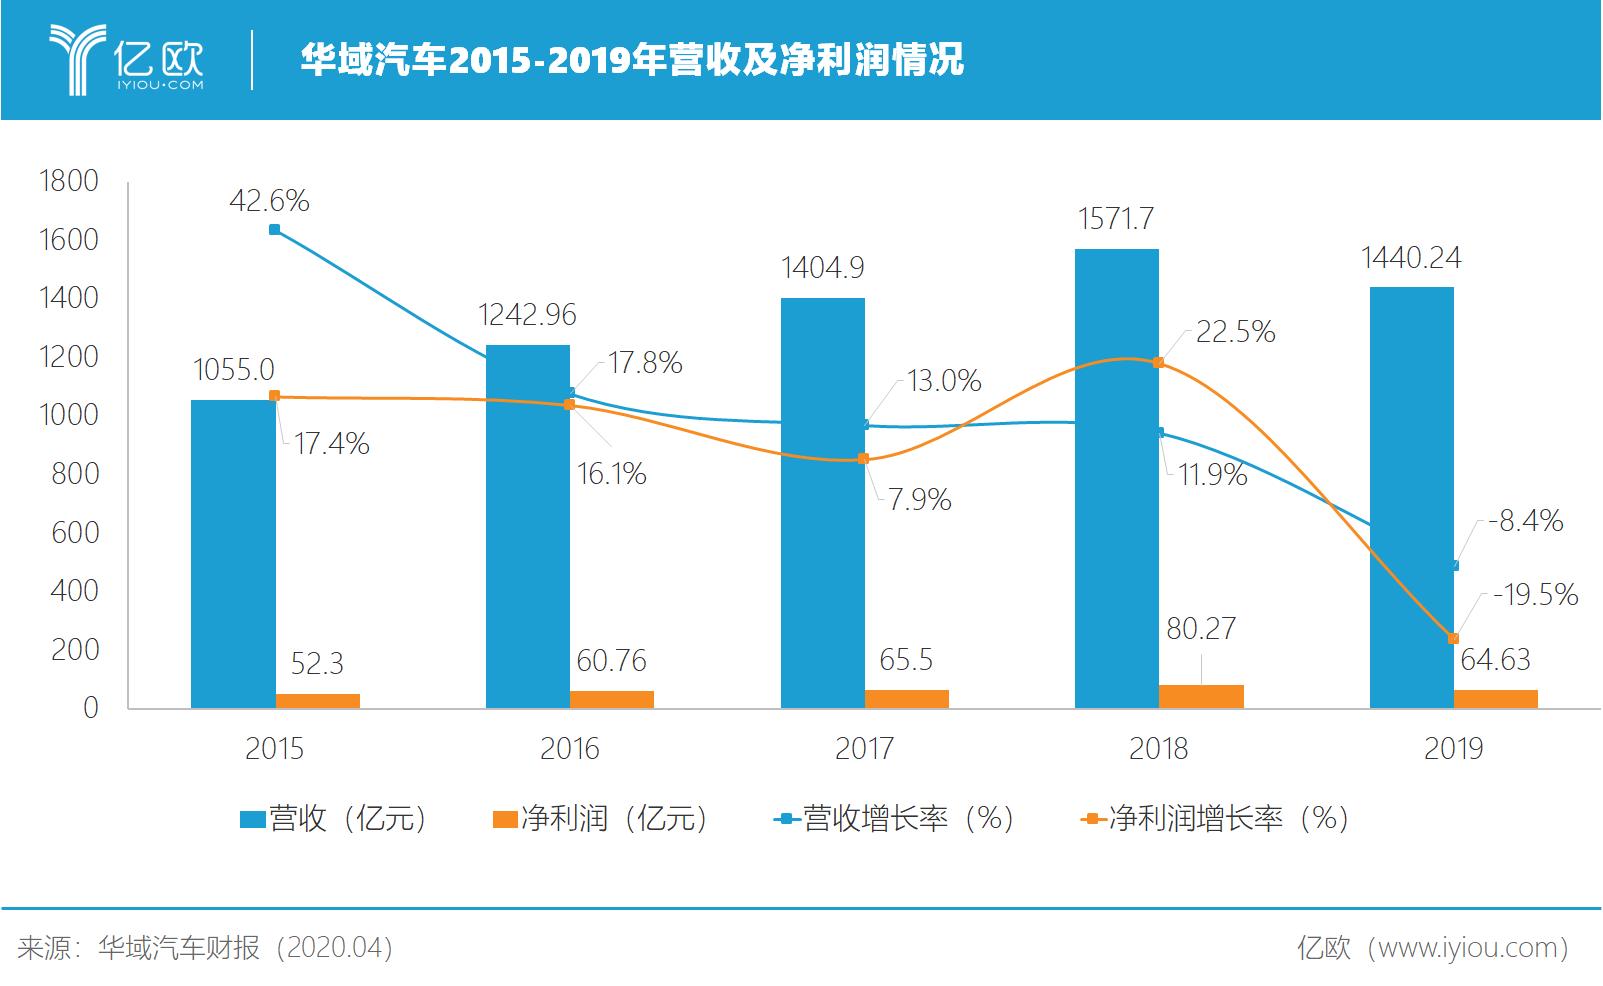 华域汽车2015-2019年营收及净利润情况